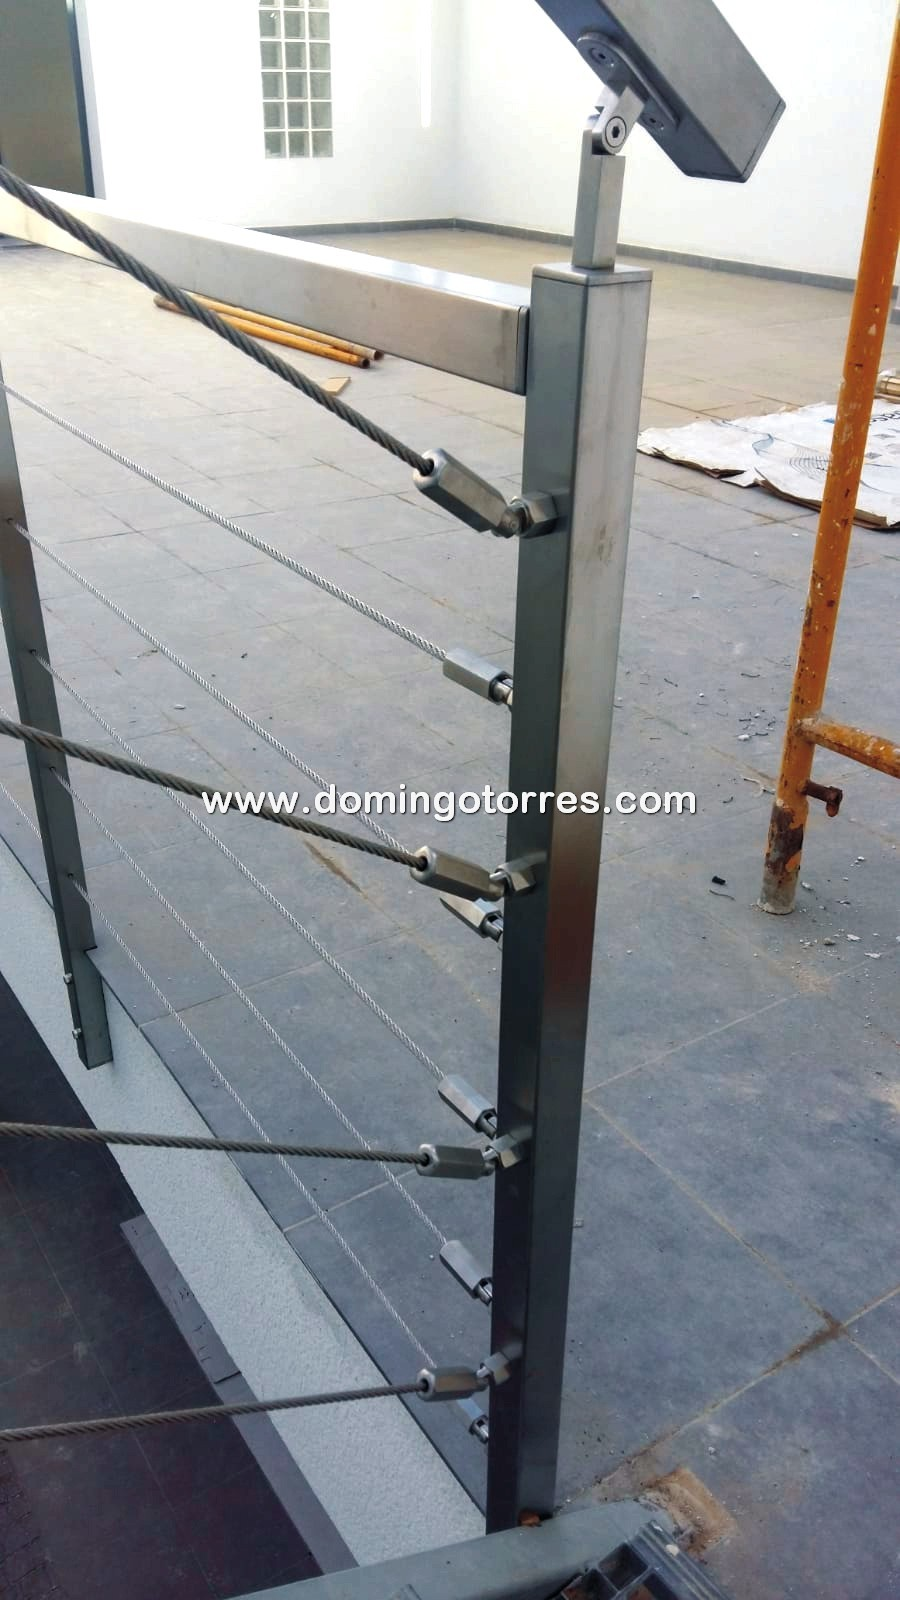 Nº8702 Barandilla con cables tensados de acero inoxidable